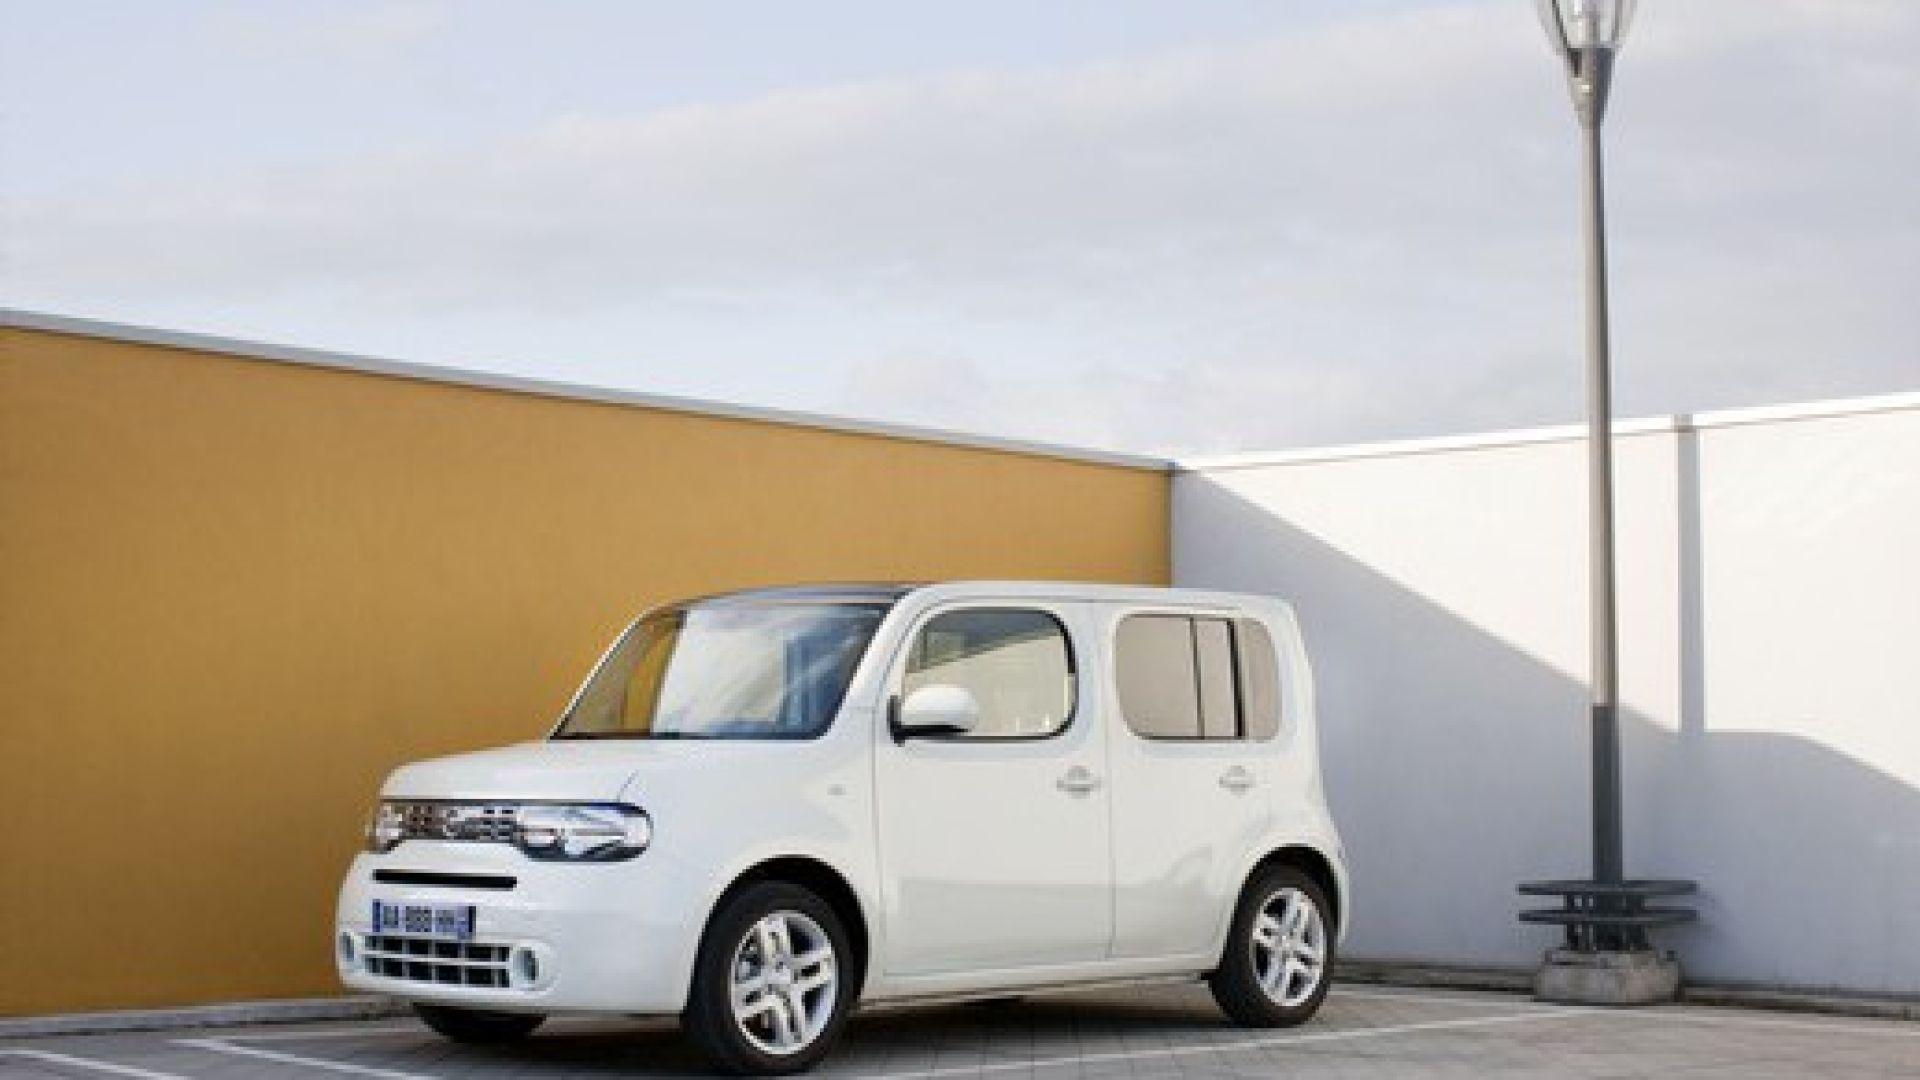 Immagine 16: I marchi auto più importanti del 2010